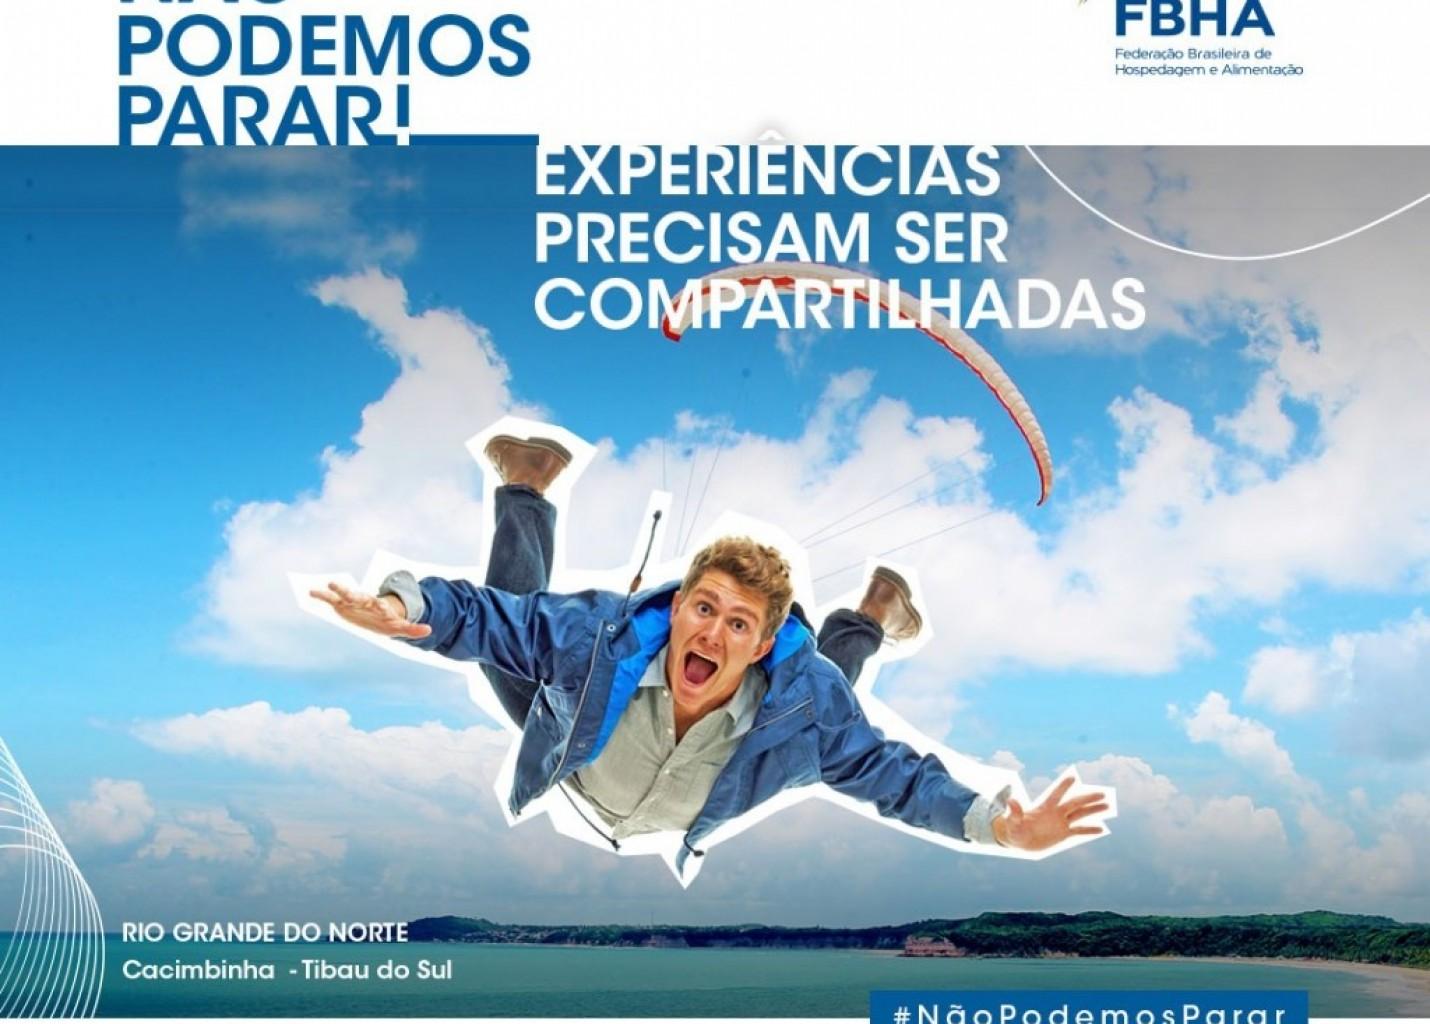 """""""Não podemos parar"""": FBHA lança campanha de apoio ao setor na retomada"""